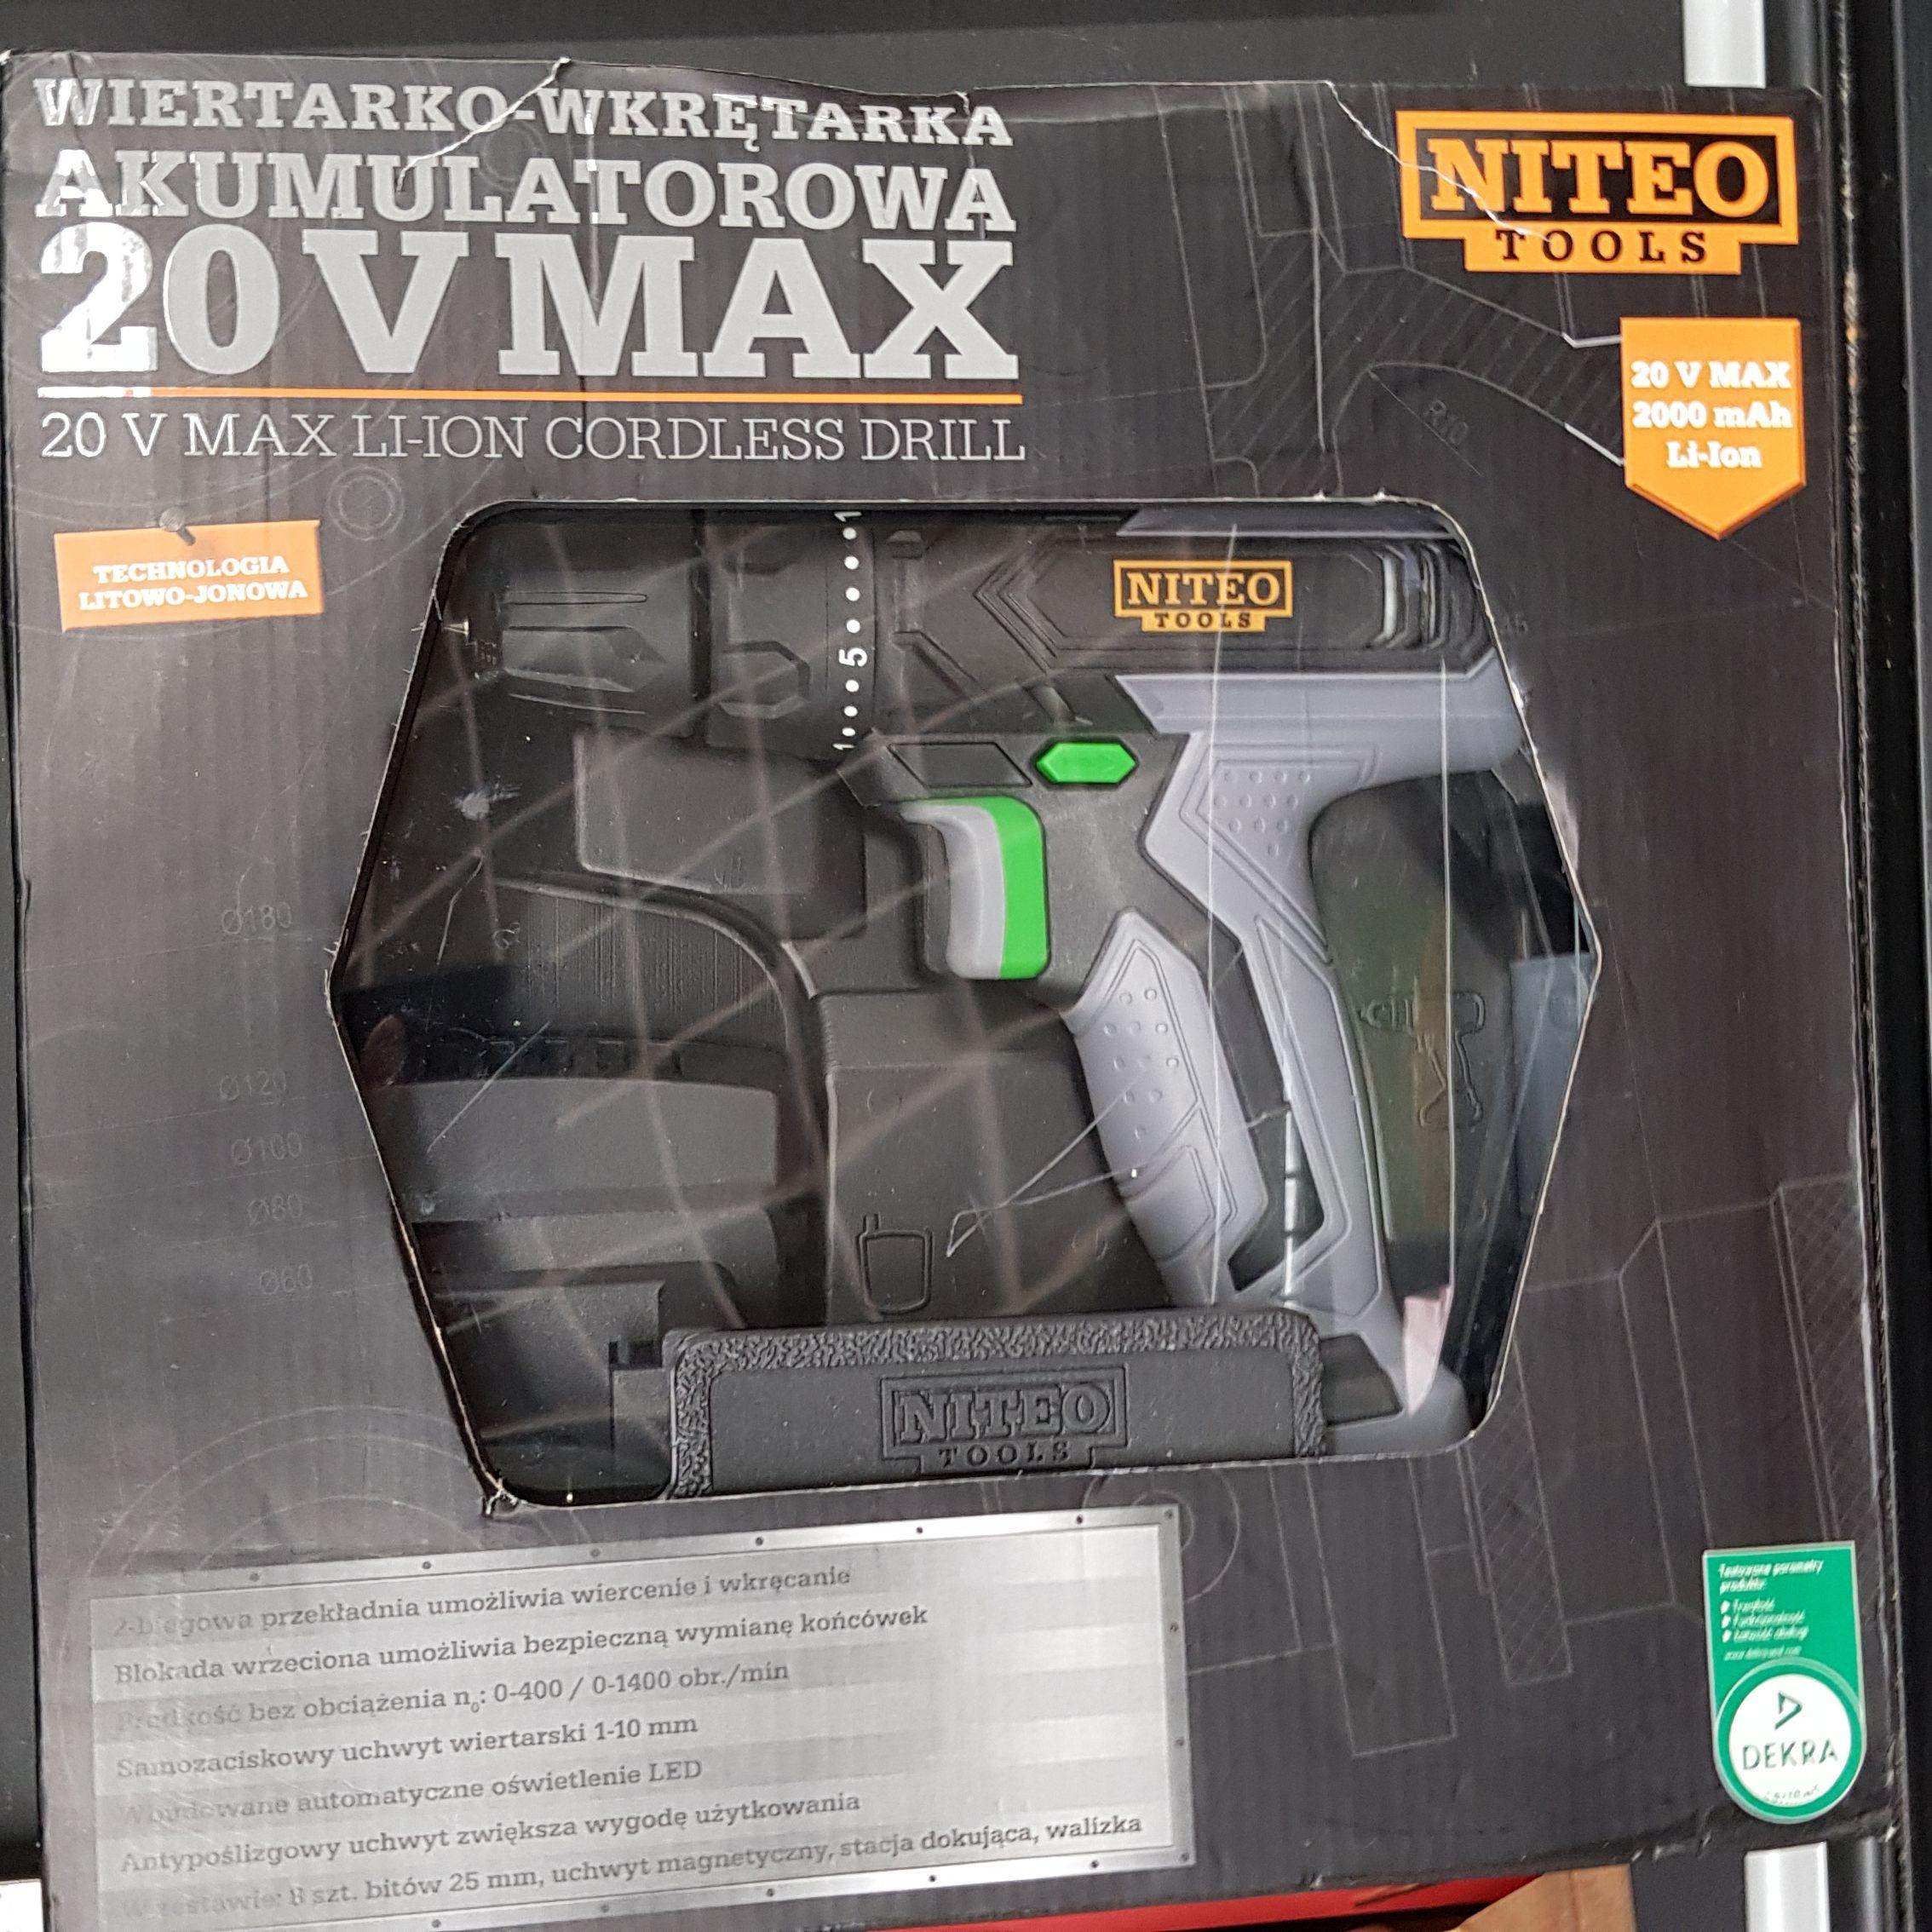 Wiertarko - wkrętarka akumulatorowa NITEO 20v w Biedronce